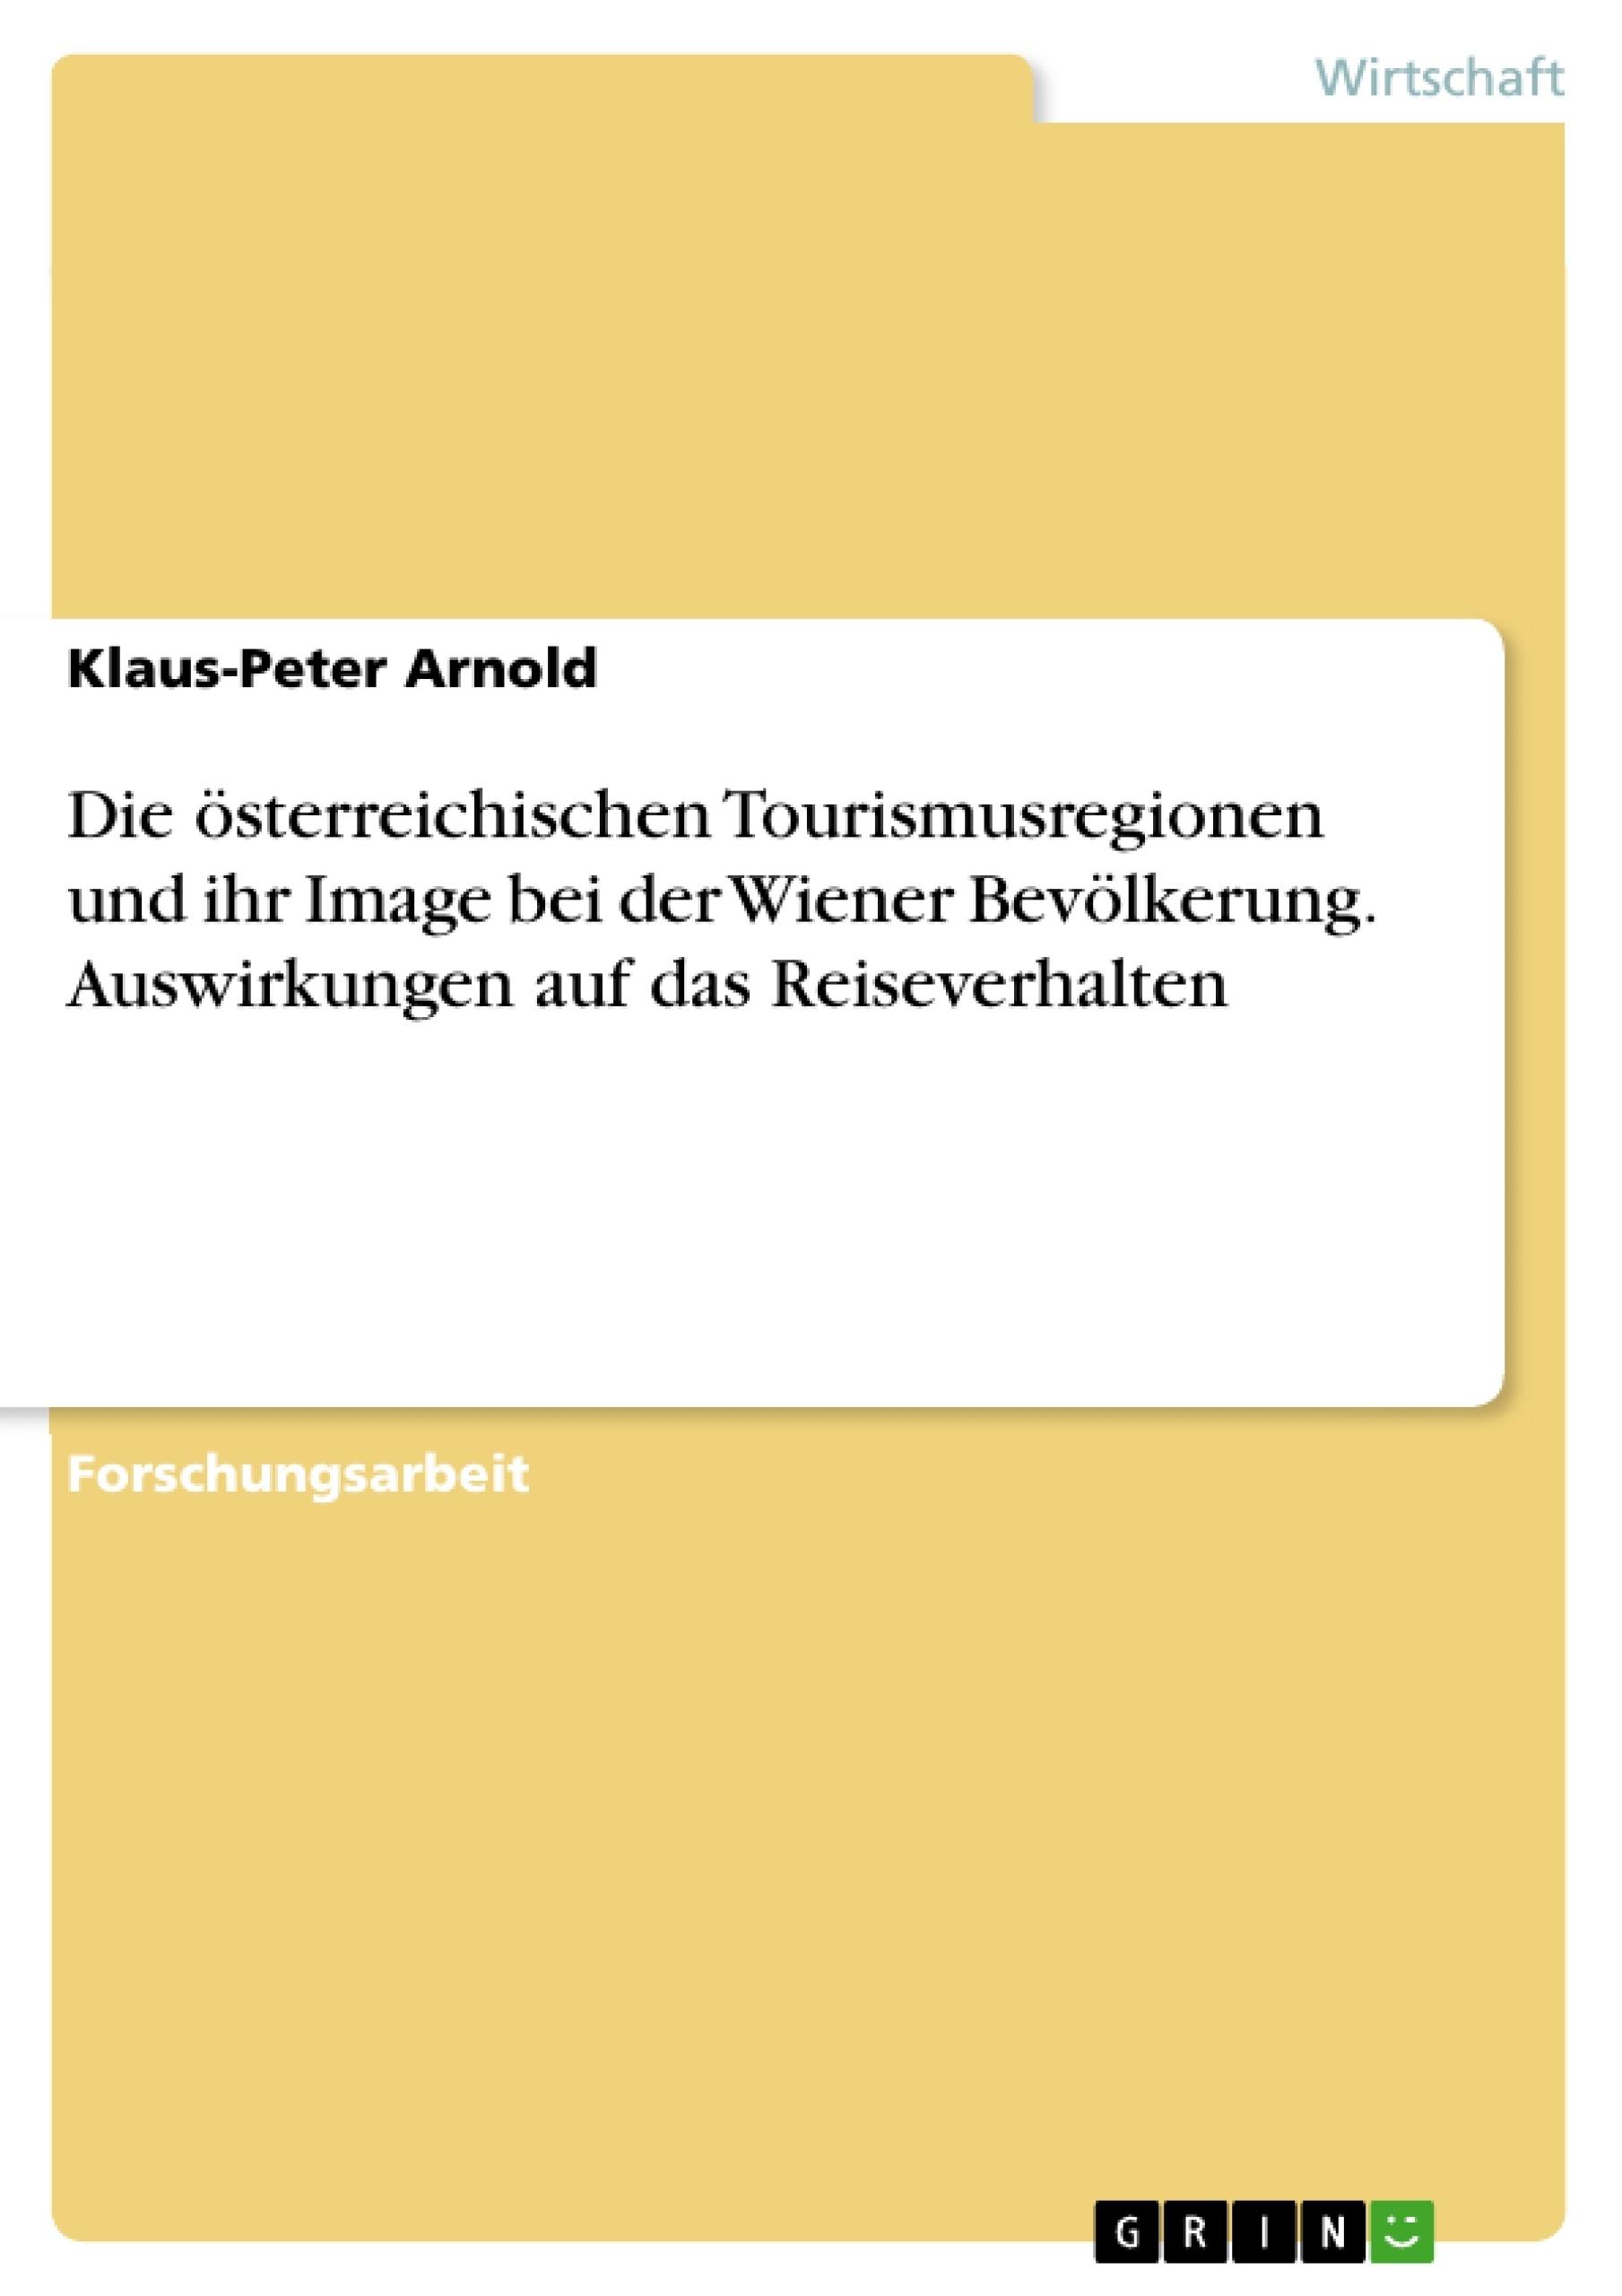 Titel: Die österreichischen Tourismusregionen und ihr Image bei der Wiener Bevölkerung. Auswirkungen auf das Reiseverhalten